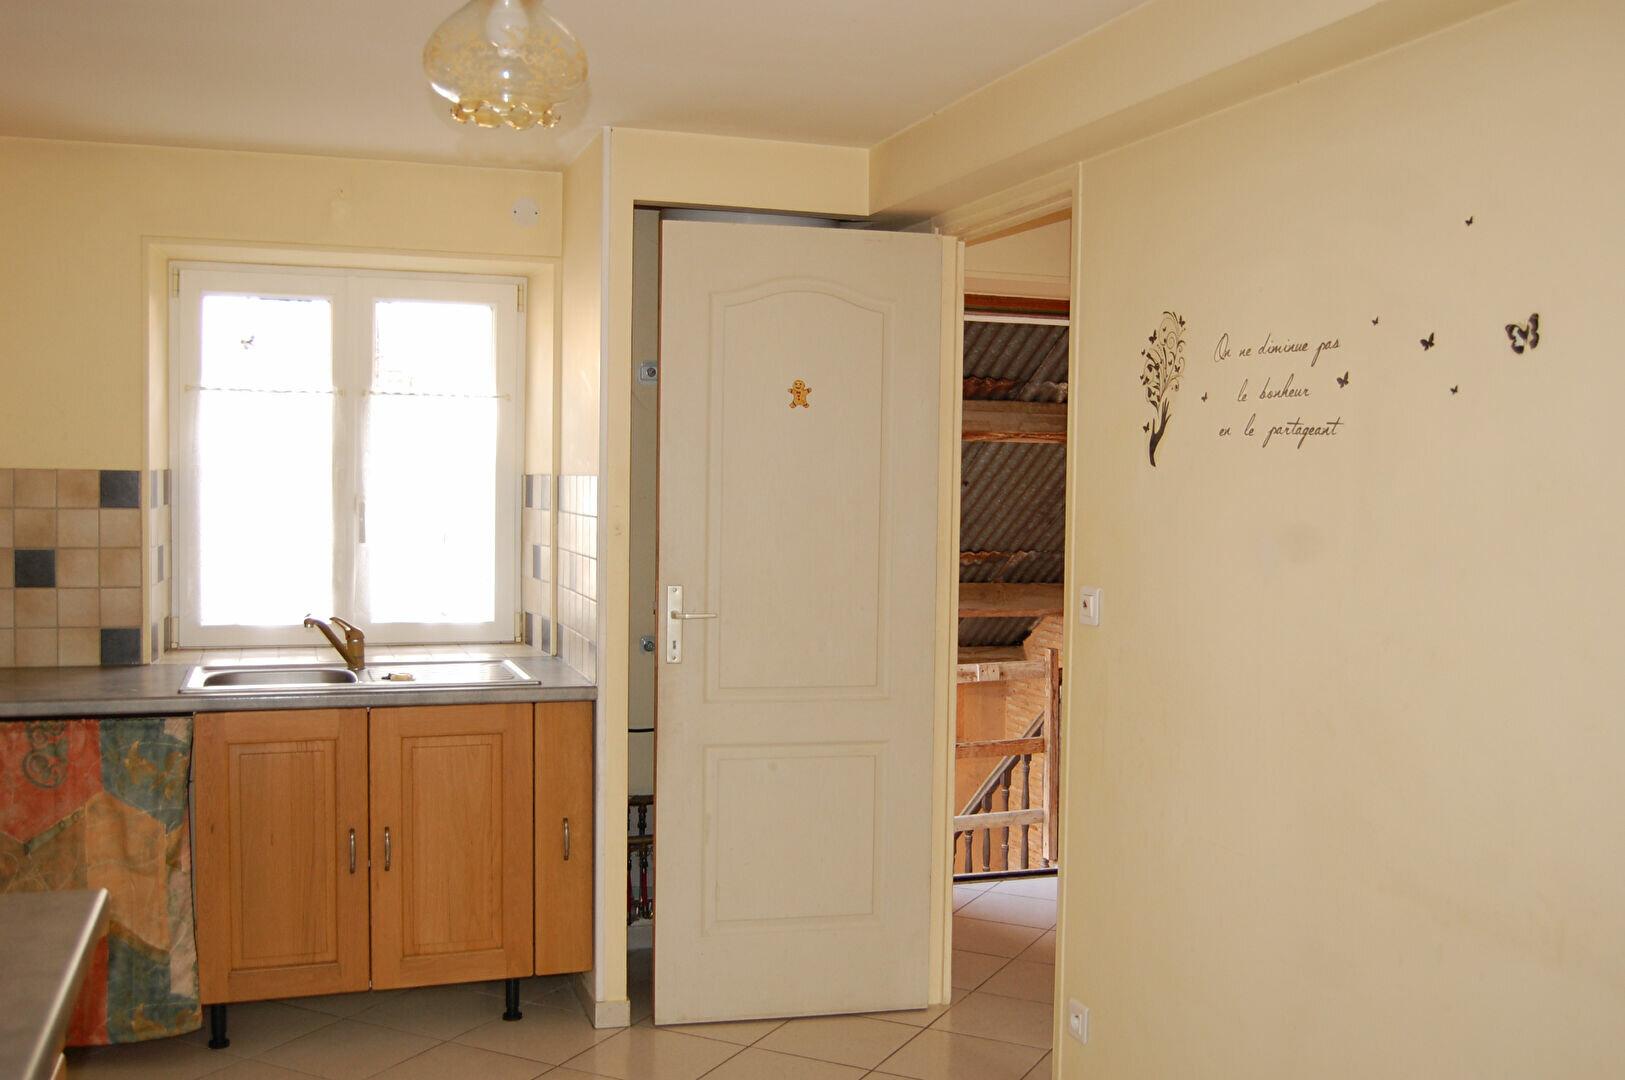 Maison à louer 4 76m2 à Saint-Satur vignette-3